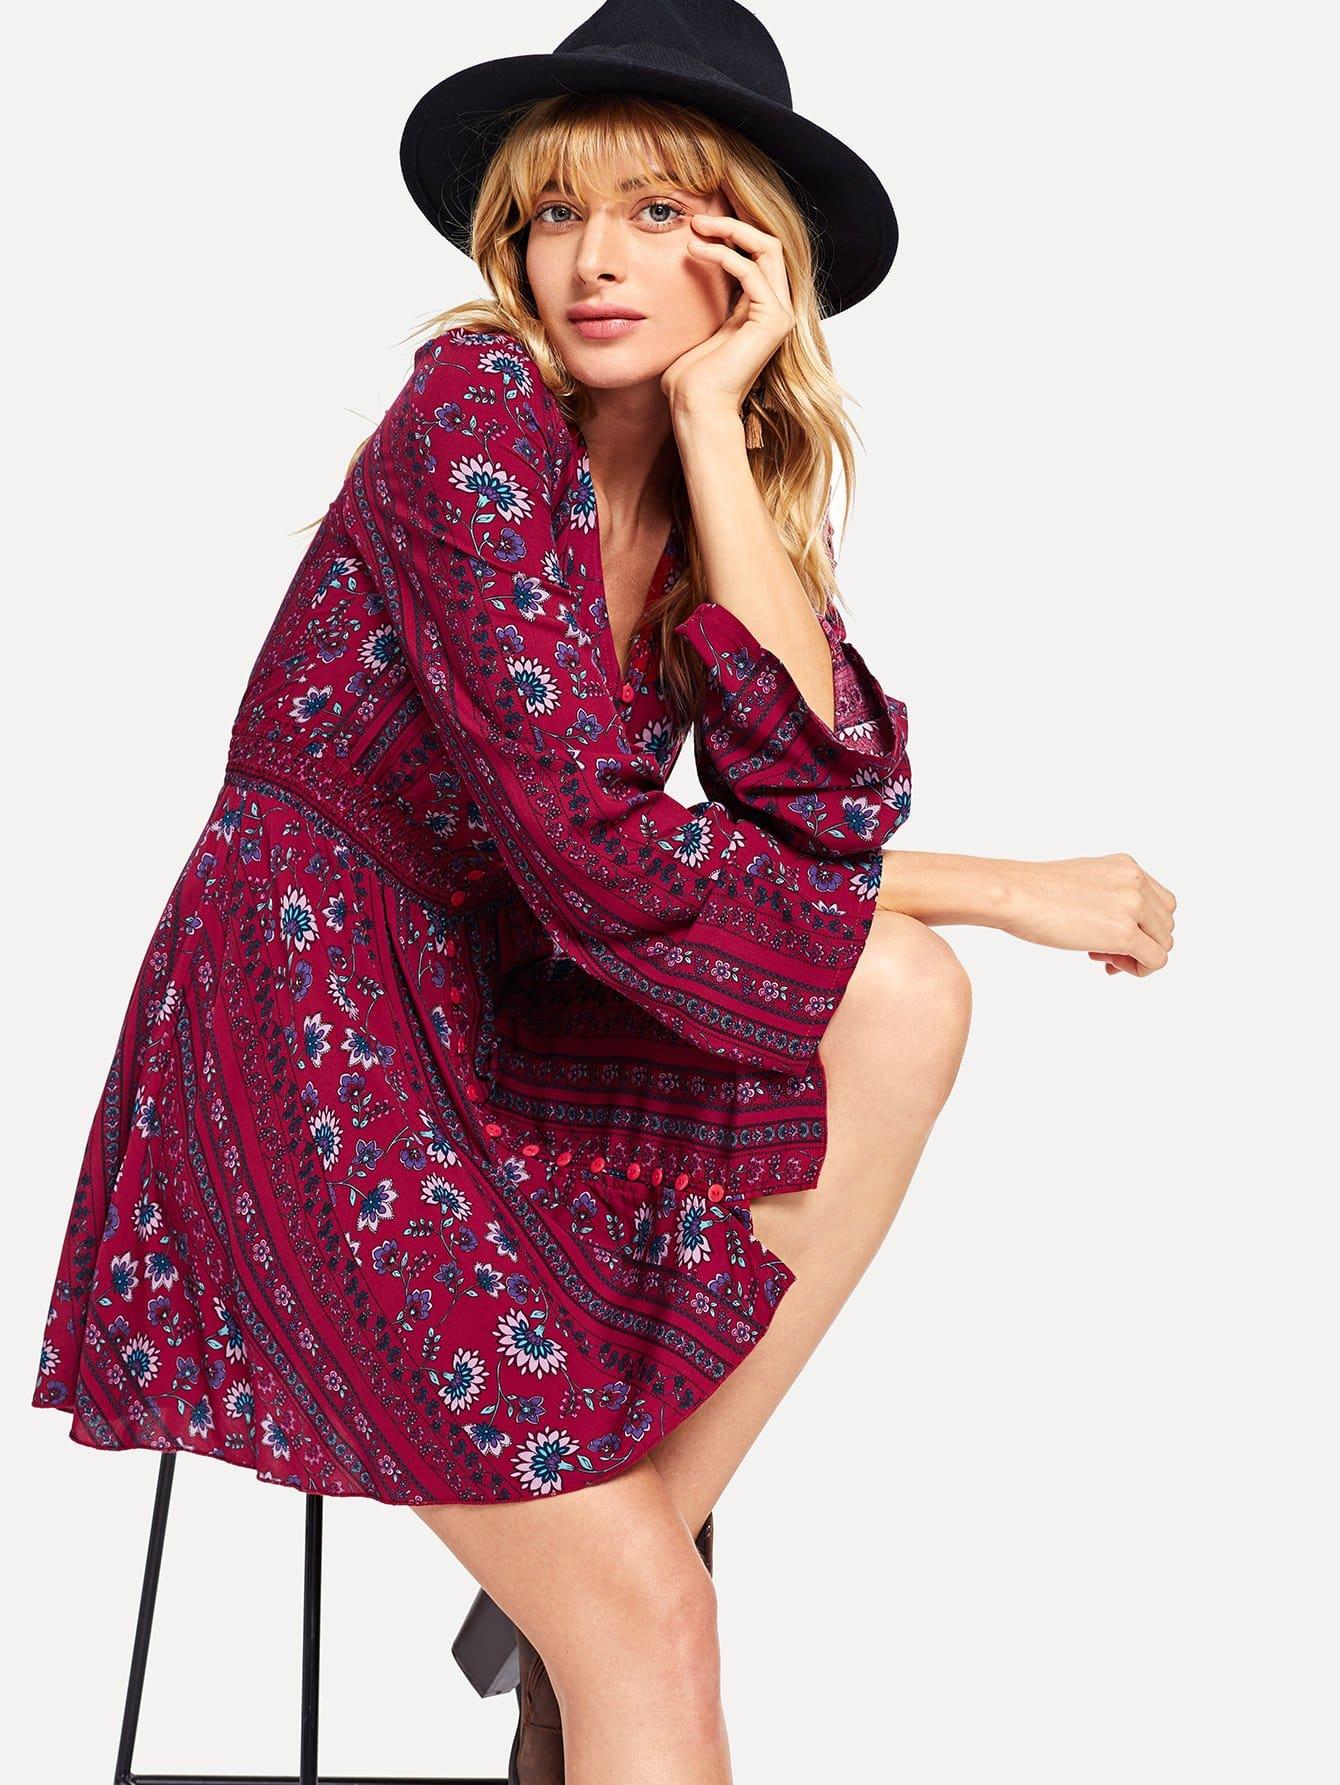 Купить Талия Упругие кнопки Фронт платье, Masha, SheIn